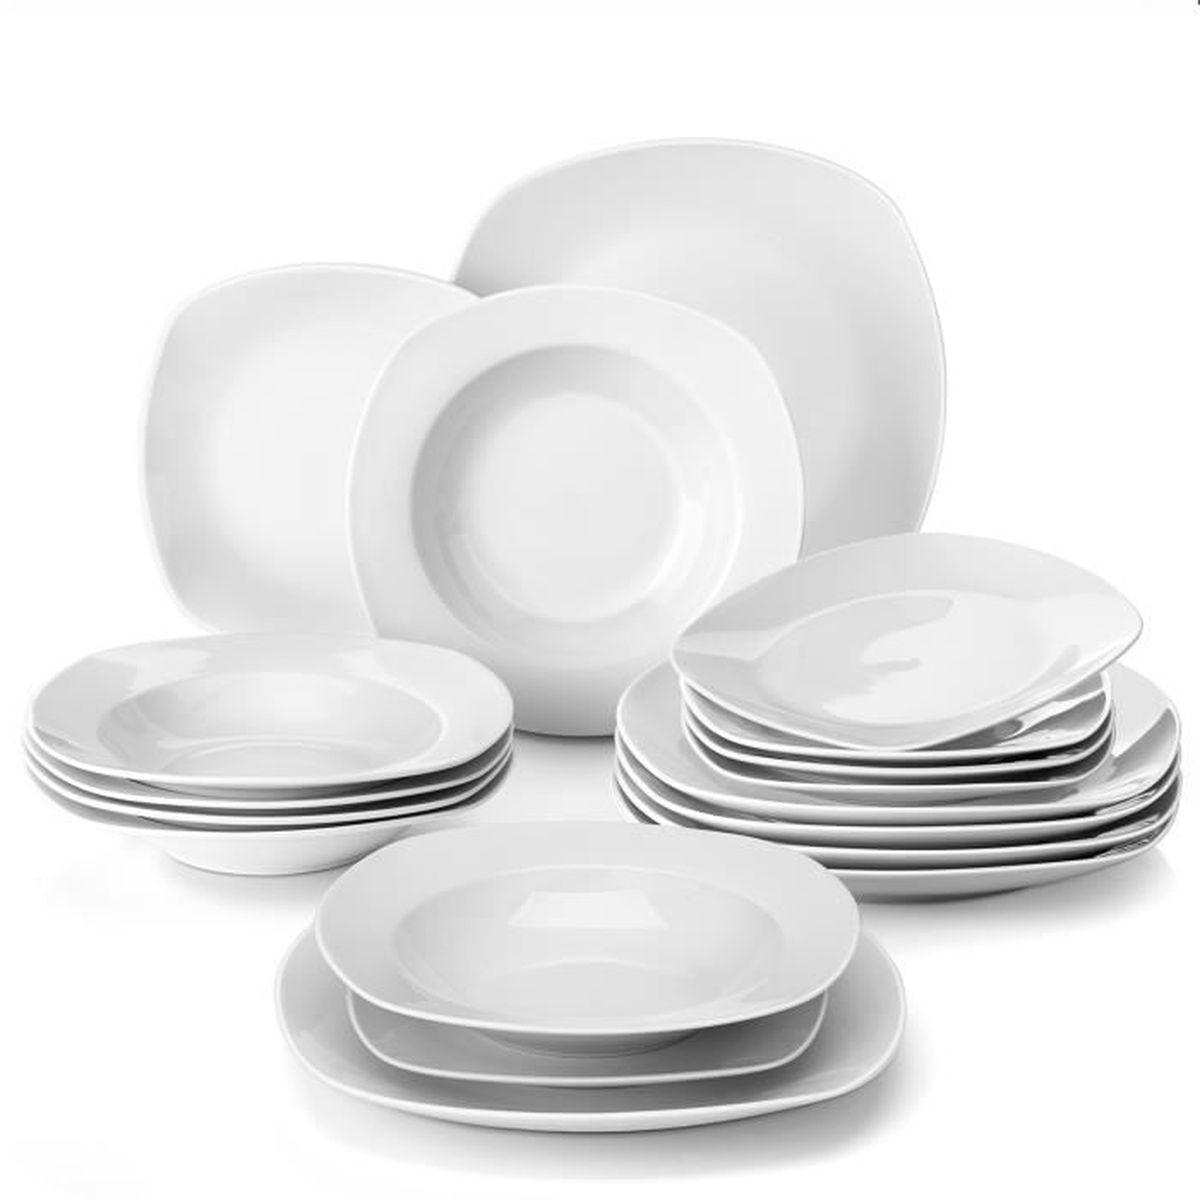 Malacasa ELISA 18pcs Assiettes Porcelaine 6pcs Assiette Plate 24,7cm, 6pcs  Assiette Creuse 21,5cm, 6pcs Assiette à Dessert 19cm 5cf9f6bb63dd